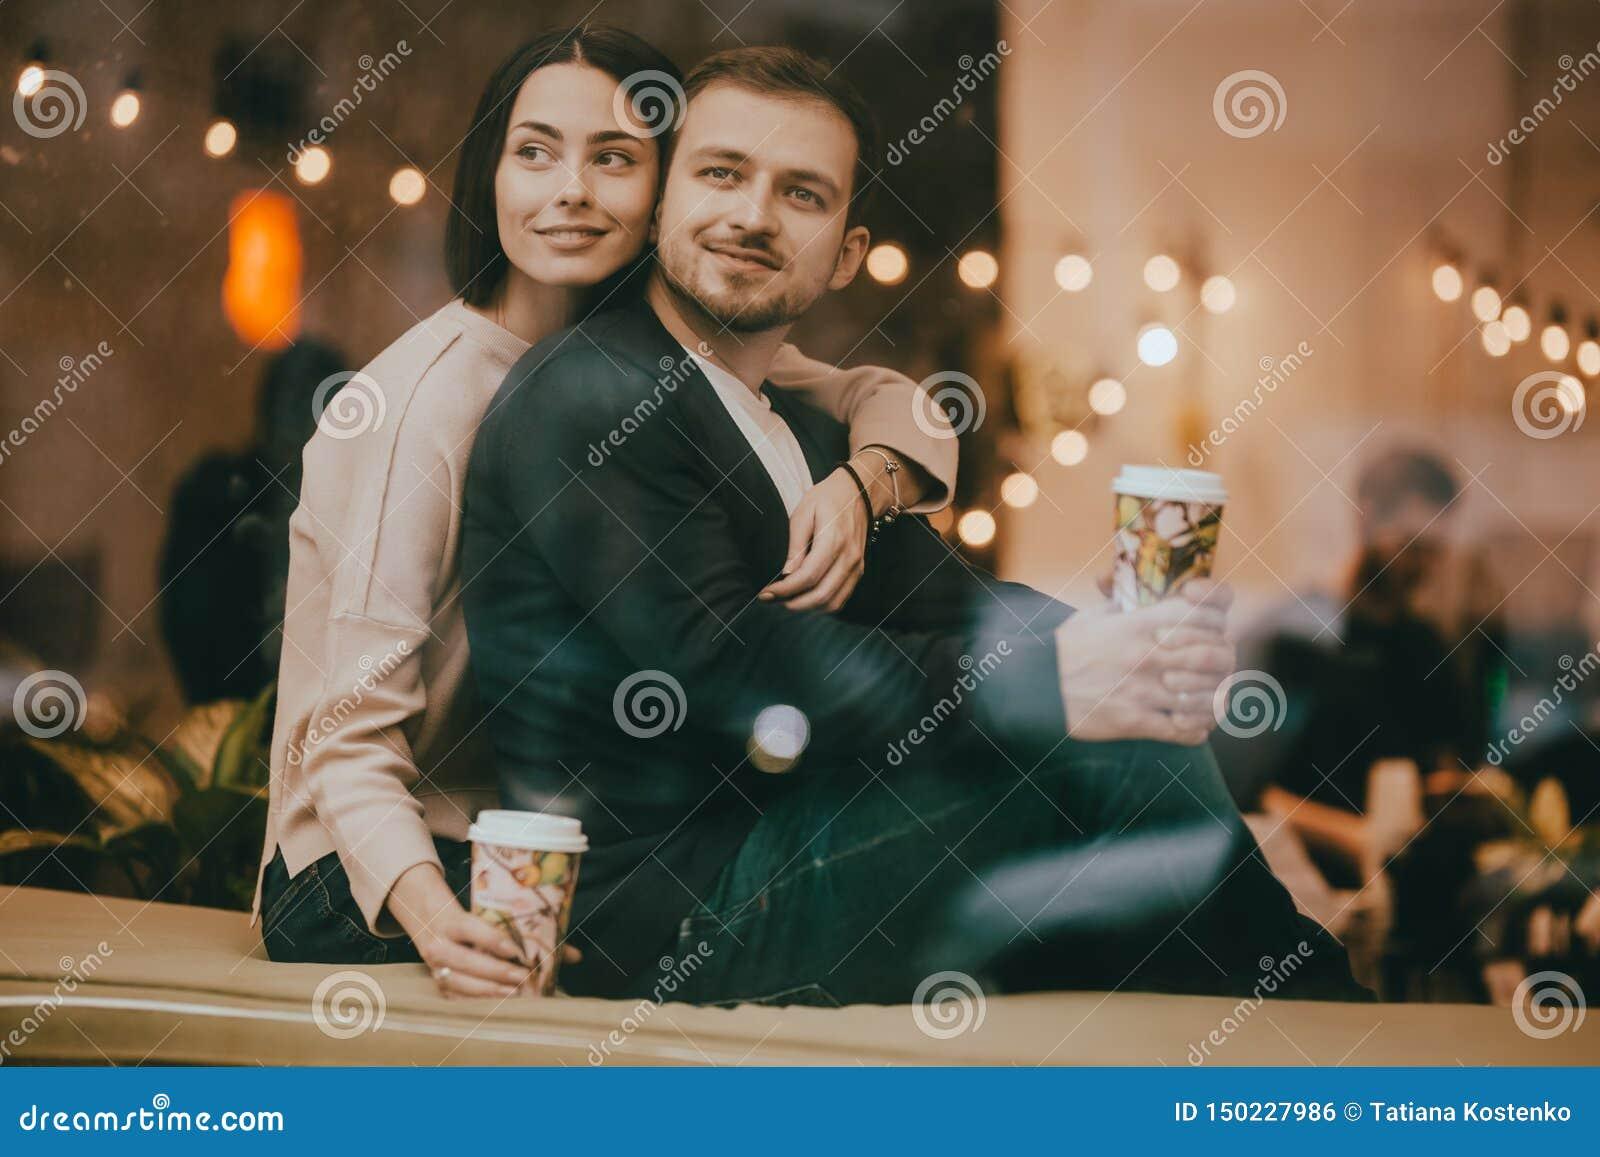 El individuo y la muchacha de amor sientan el abrazo en el alféizar en un café romántico